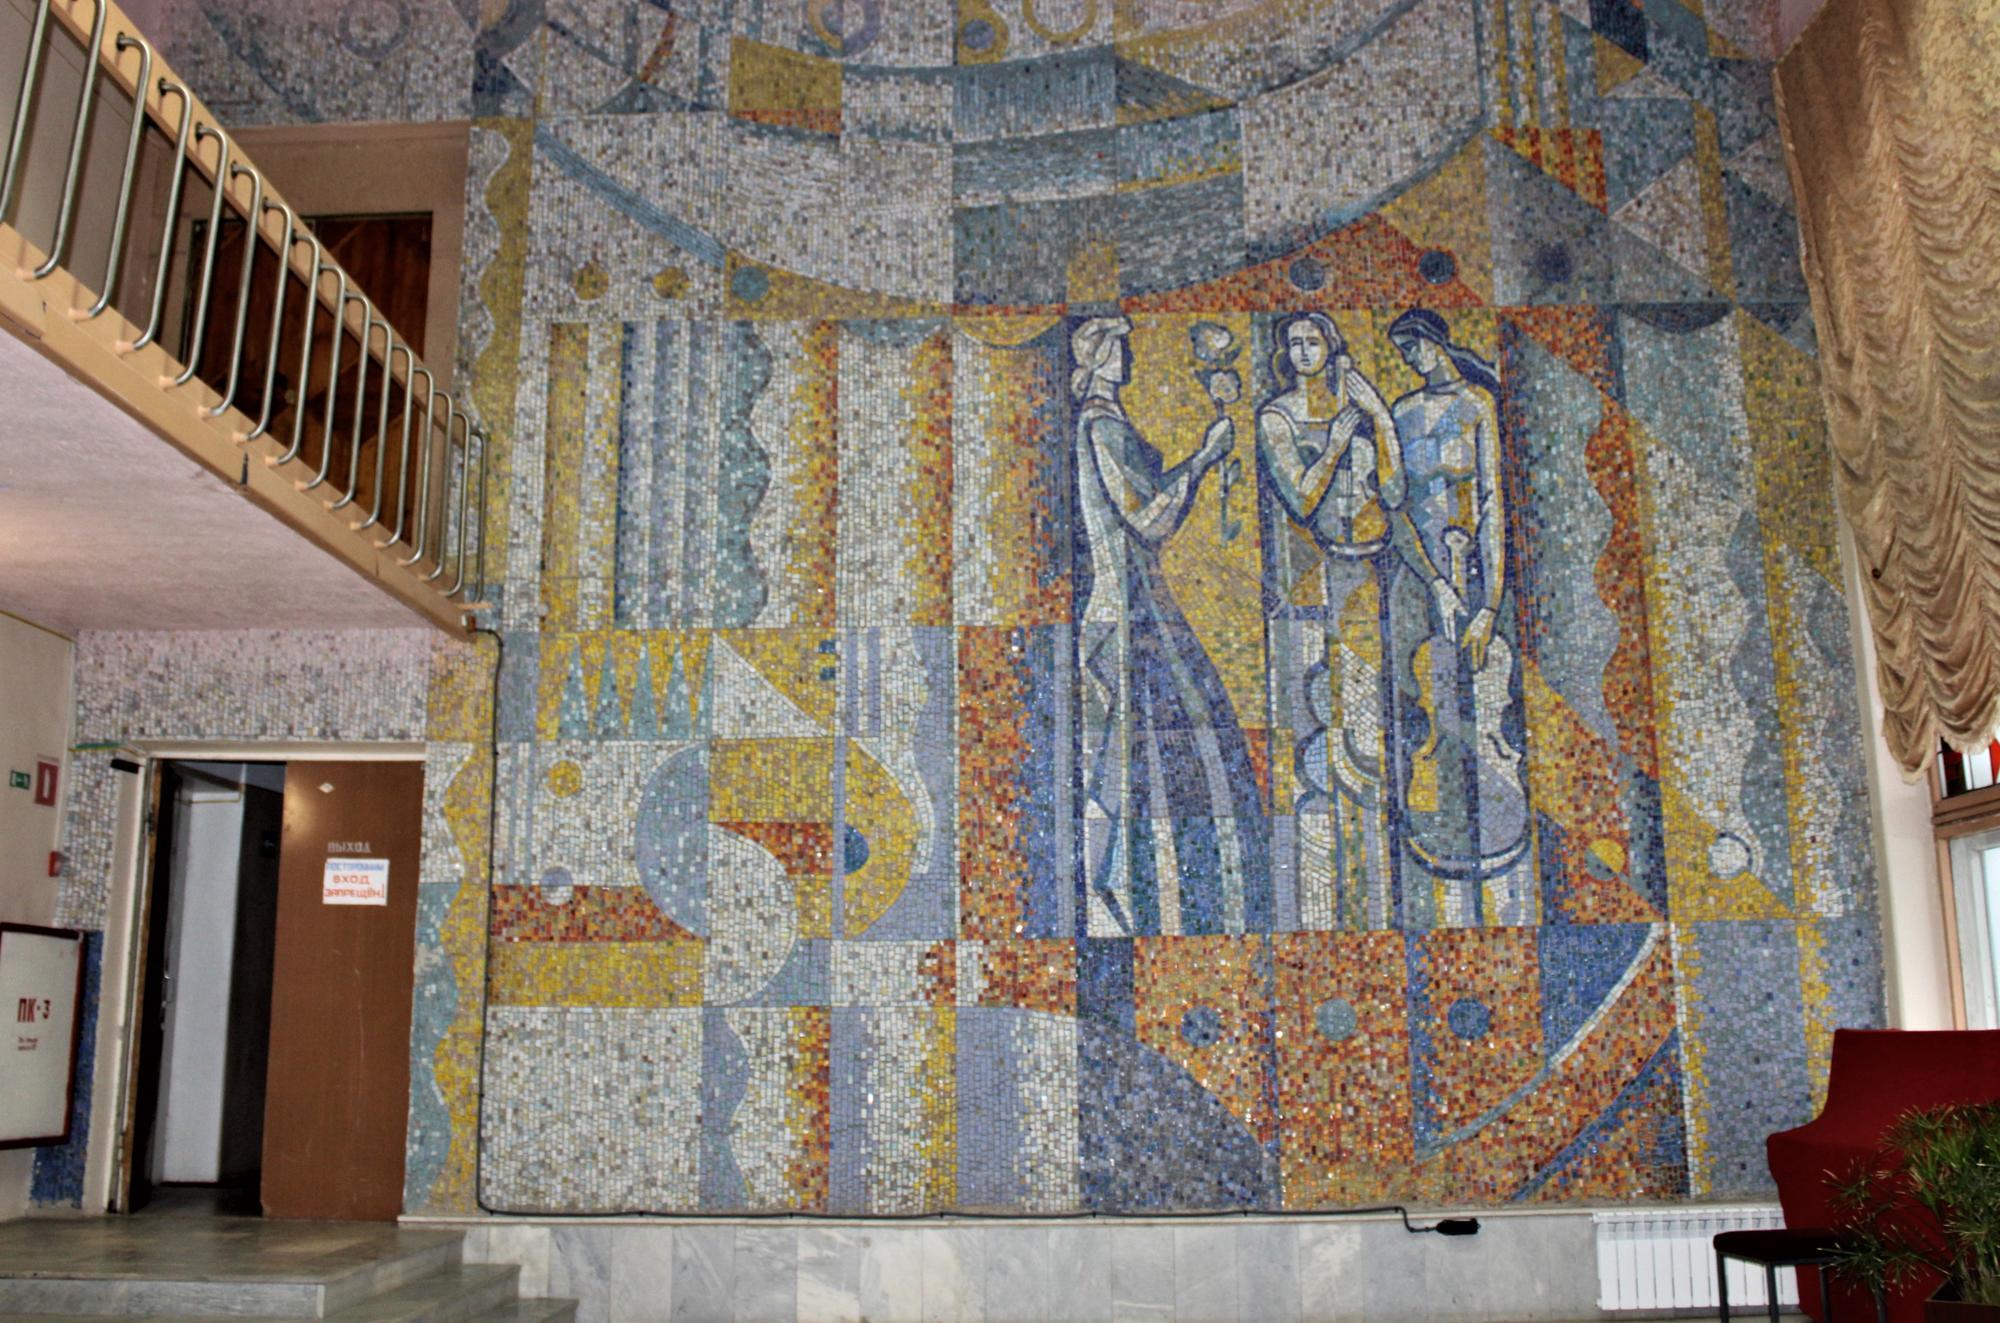 мозаїчне панно у Світлодарському палаці культури